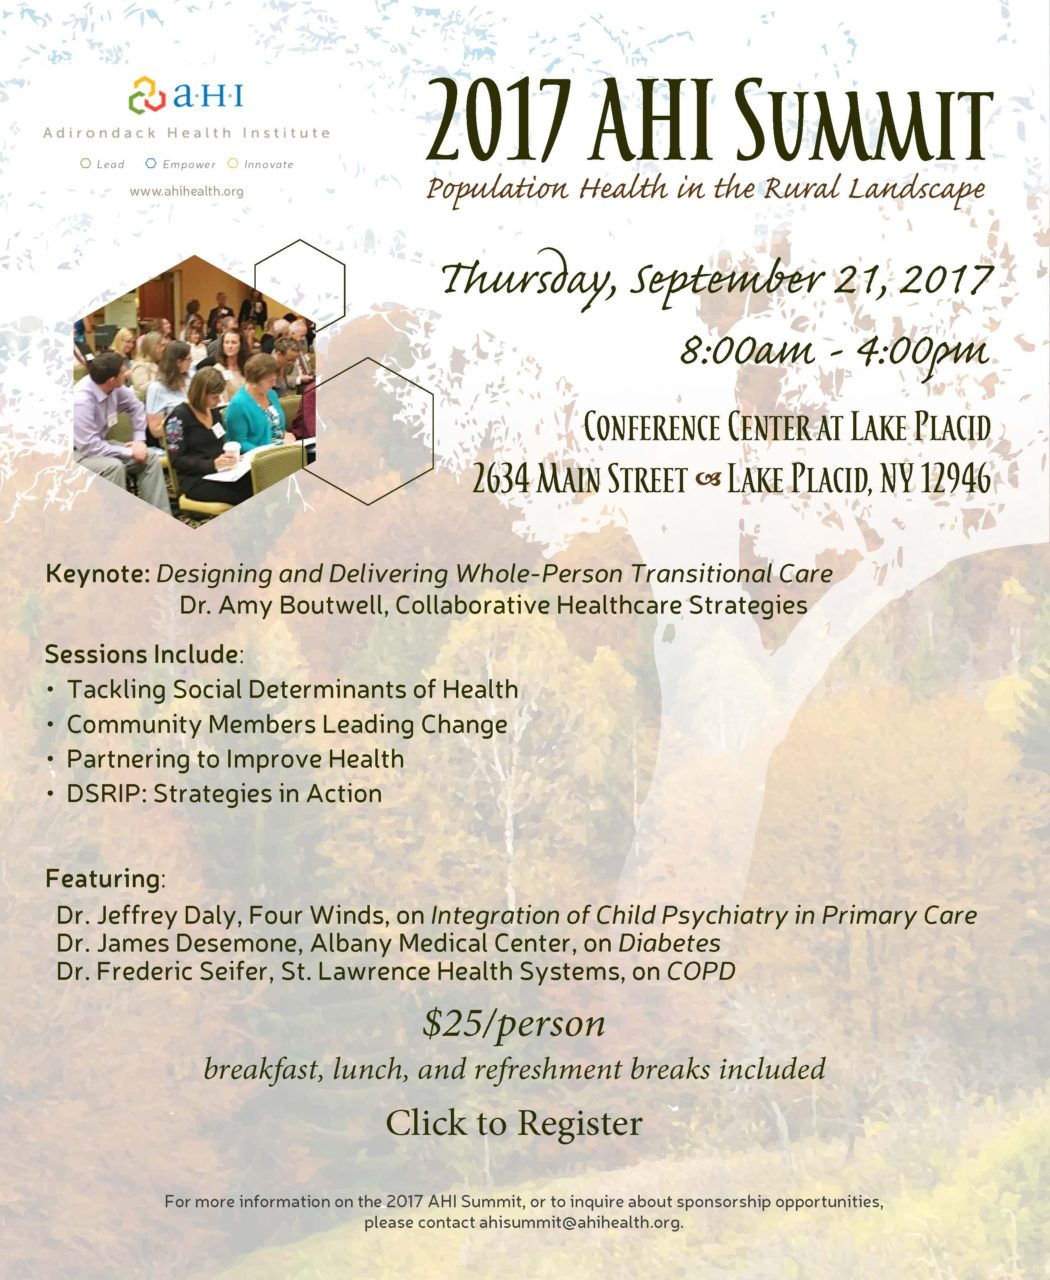 AHI Summit   Adirondack Health Institute